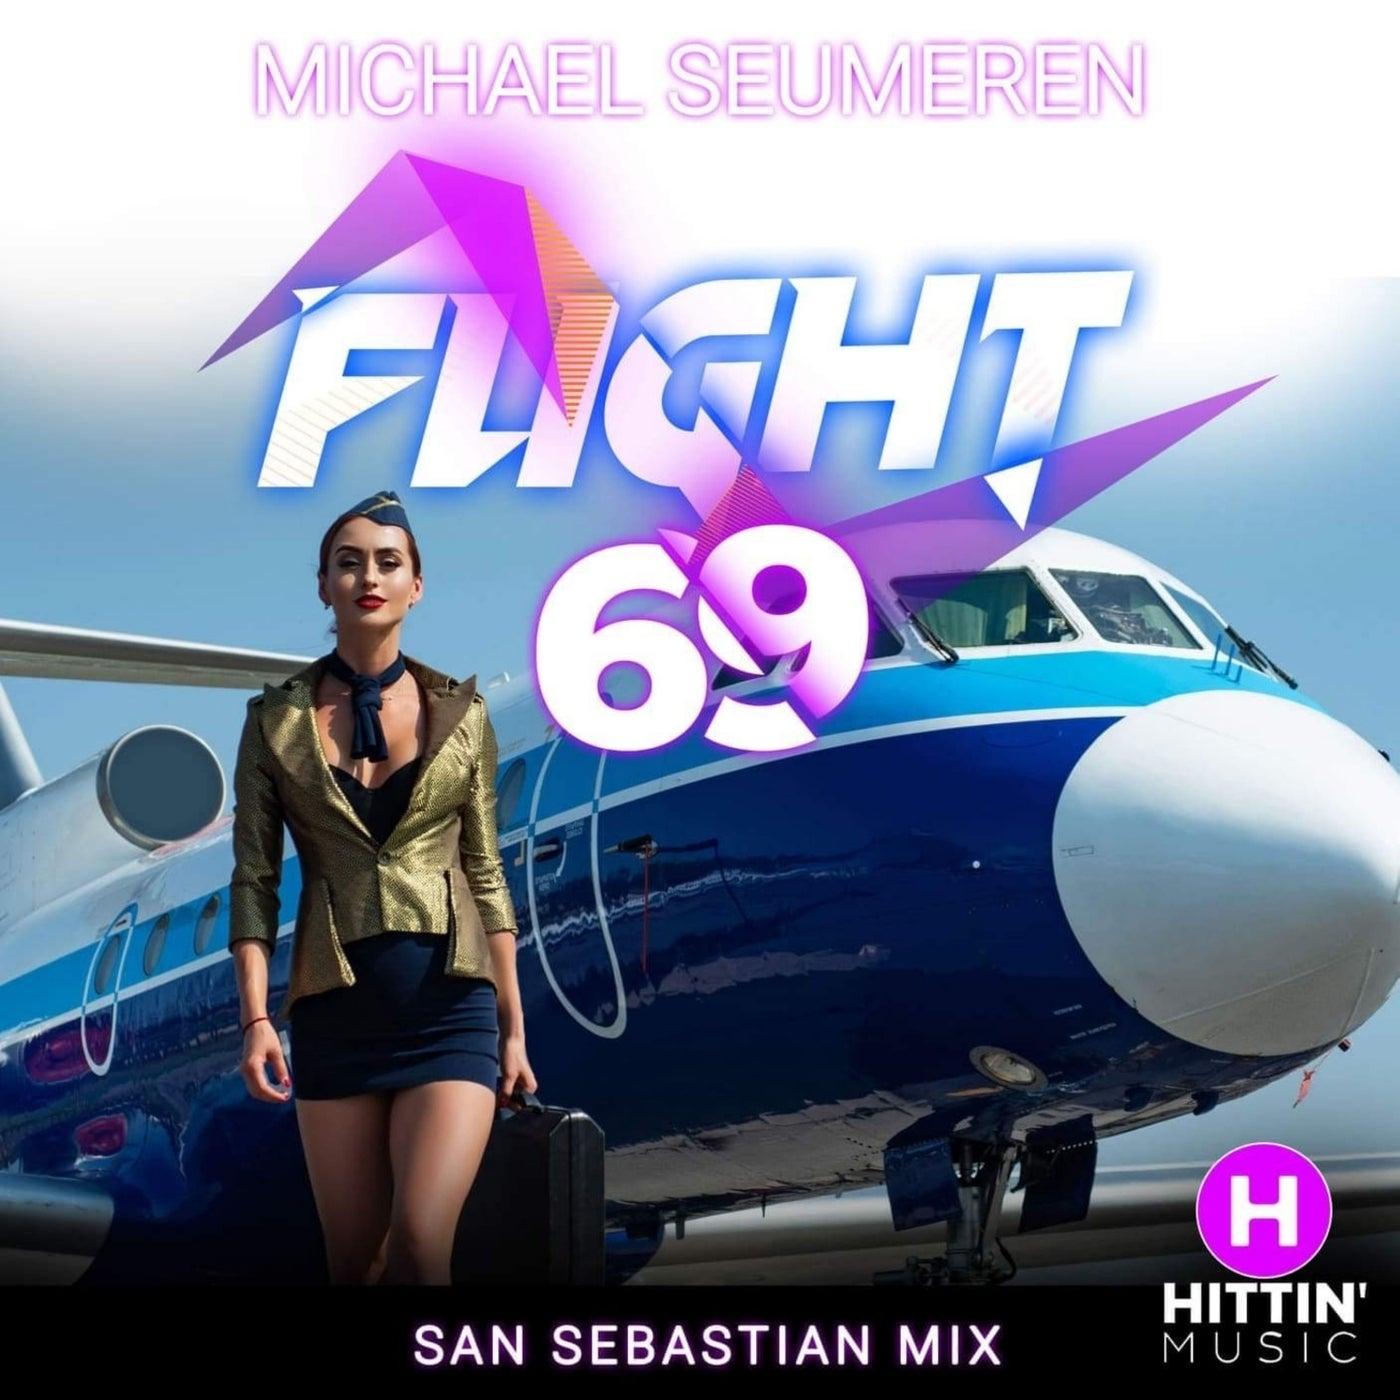 Flight 69 (San Sebastian Mix)